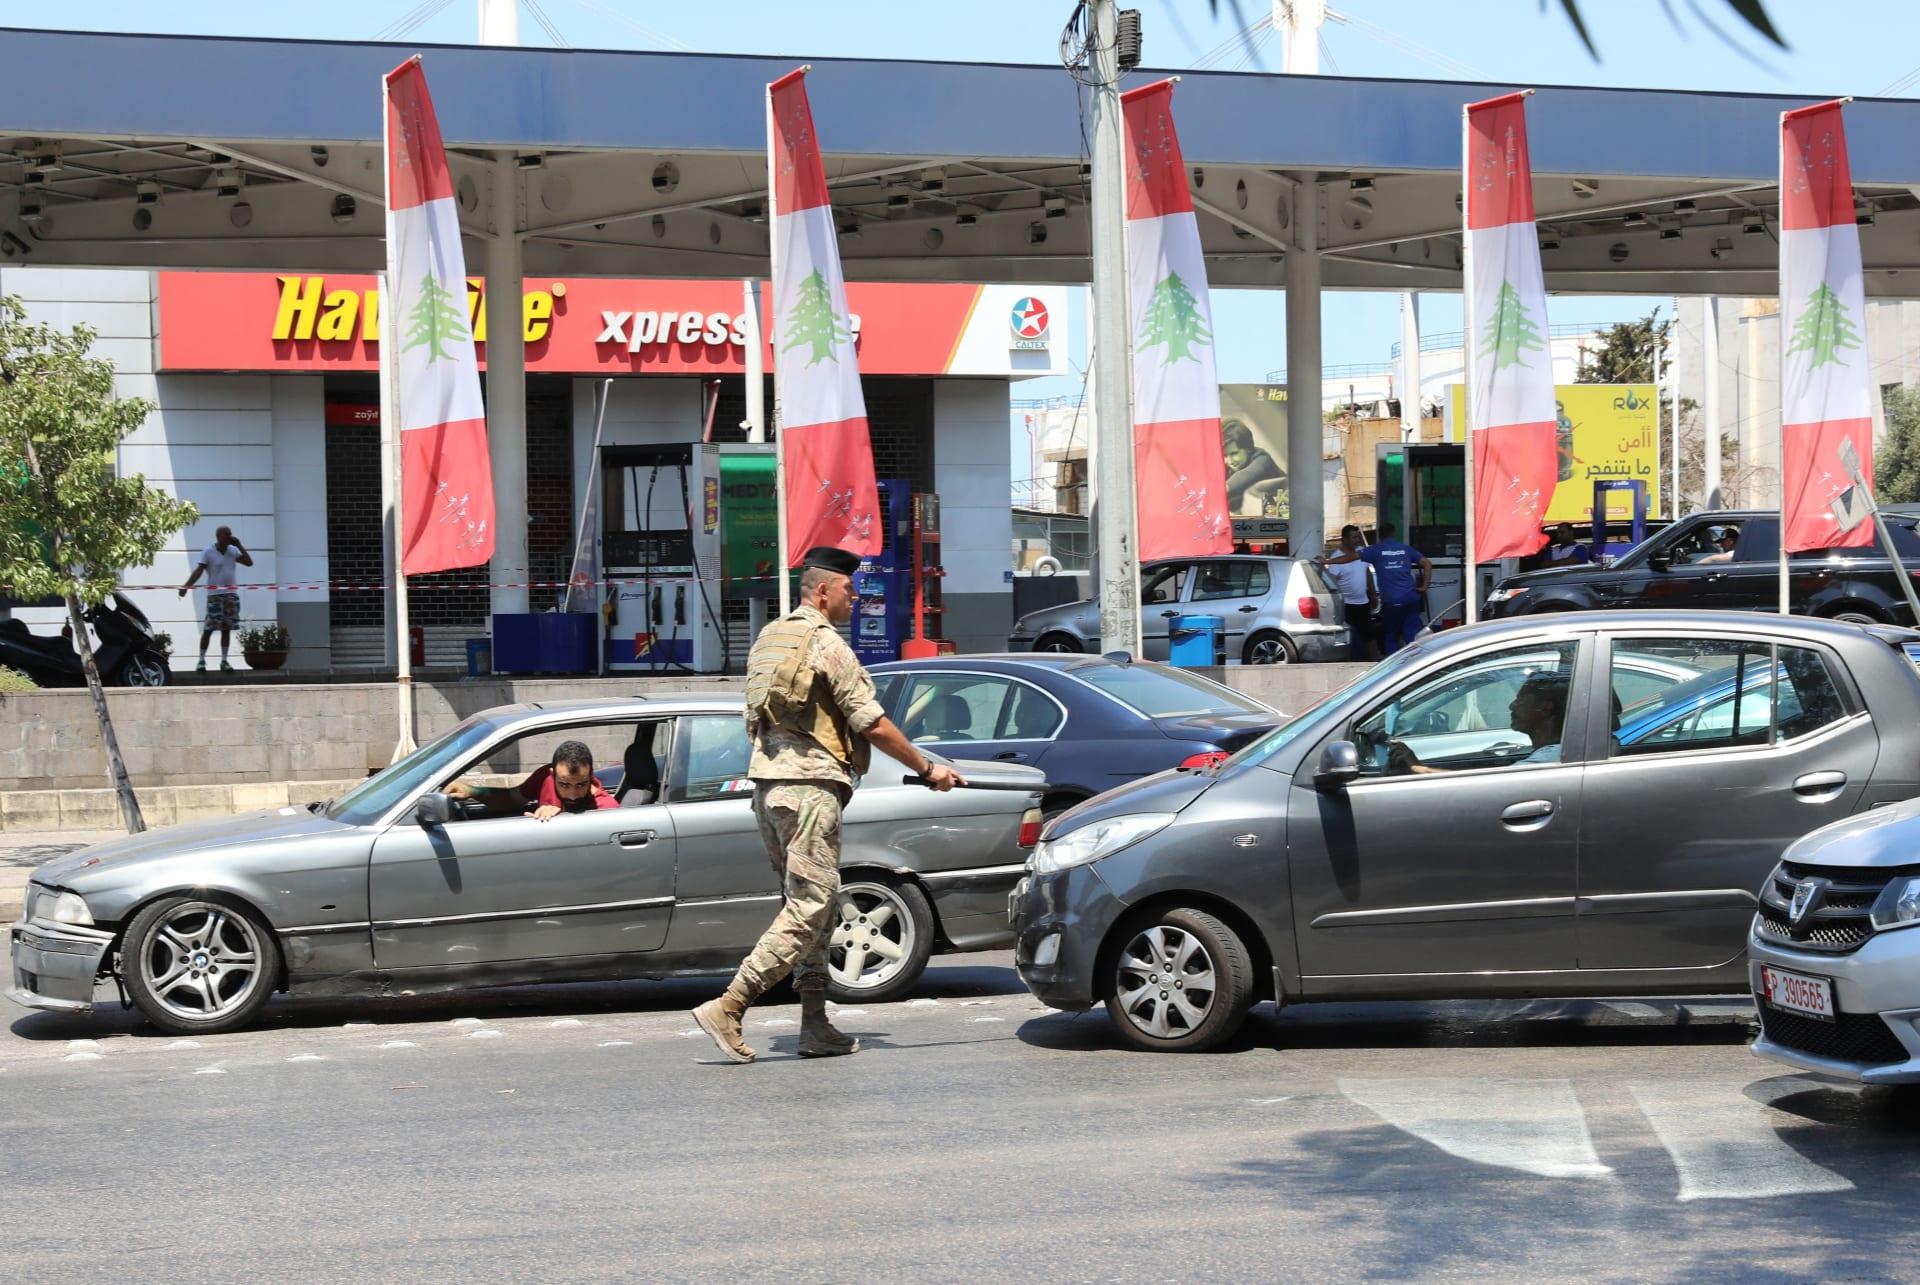 جندي لبناني يوجه حركة المرور في محطة بنزين في العاصمة بيروت في 14 أغسطس / آب 2021